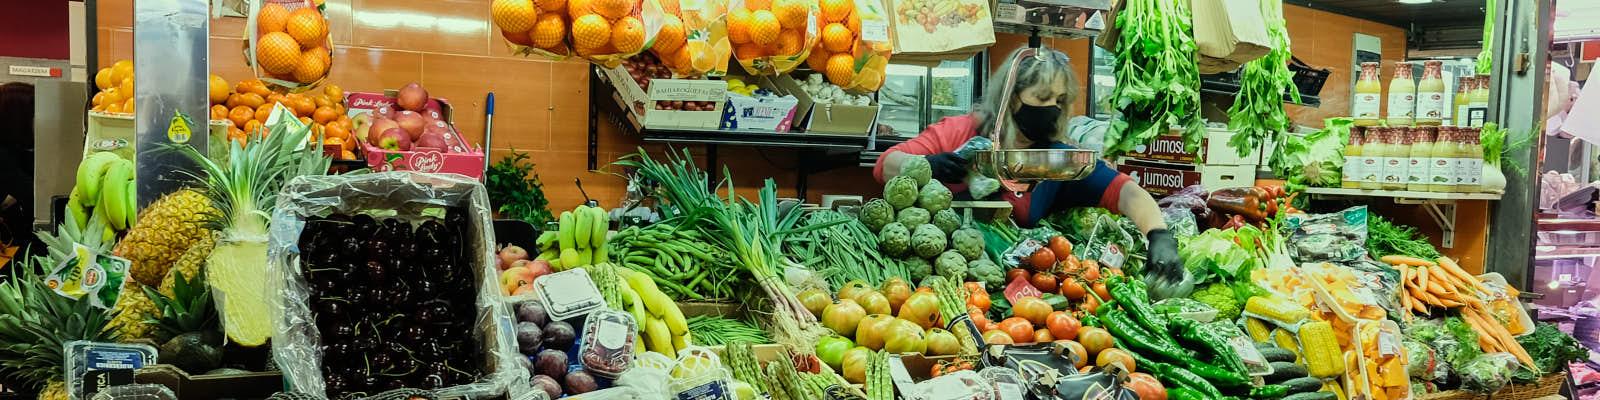 FRUITERIA MAITE Fruites i verdures